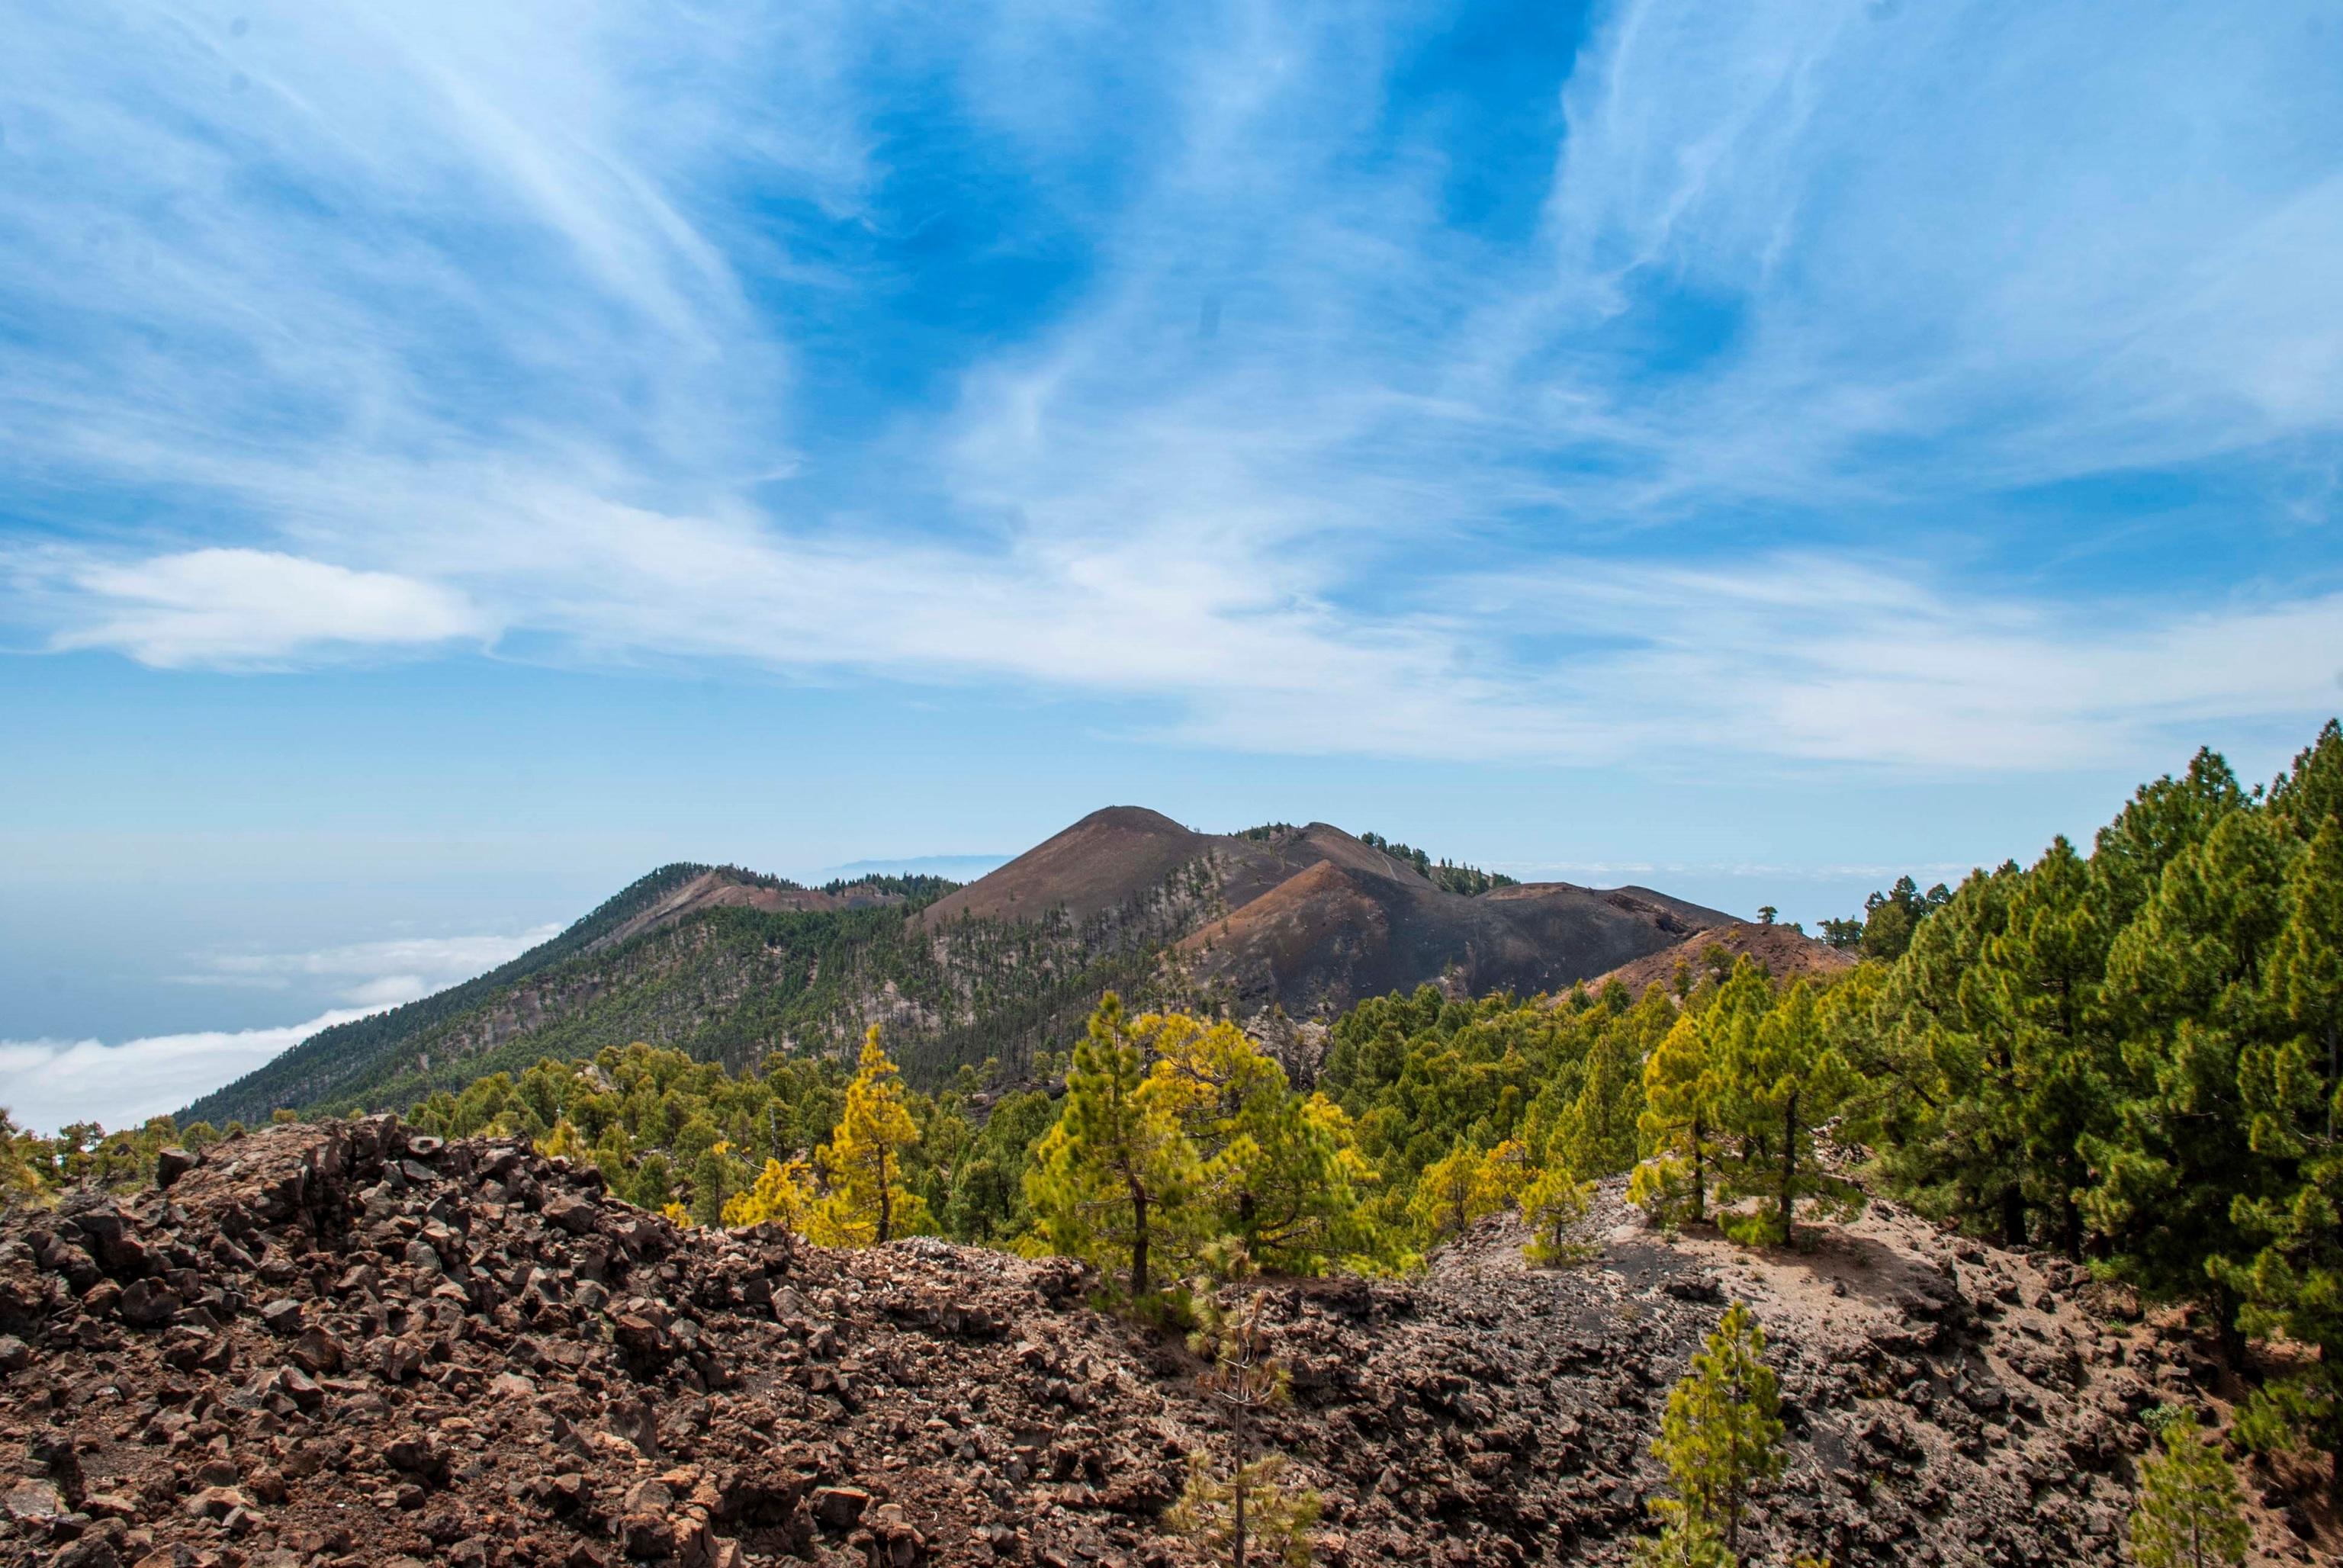 La Cumbre Vieja de La Palma.